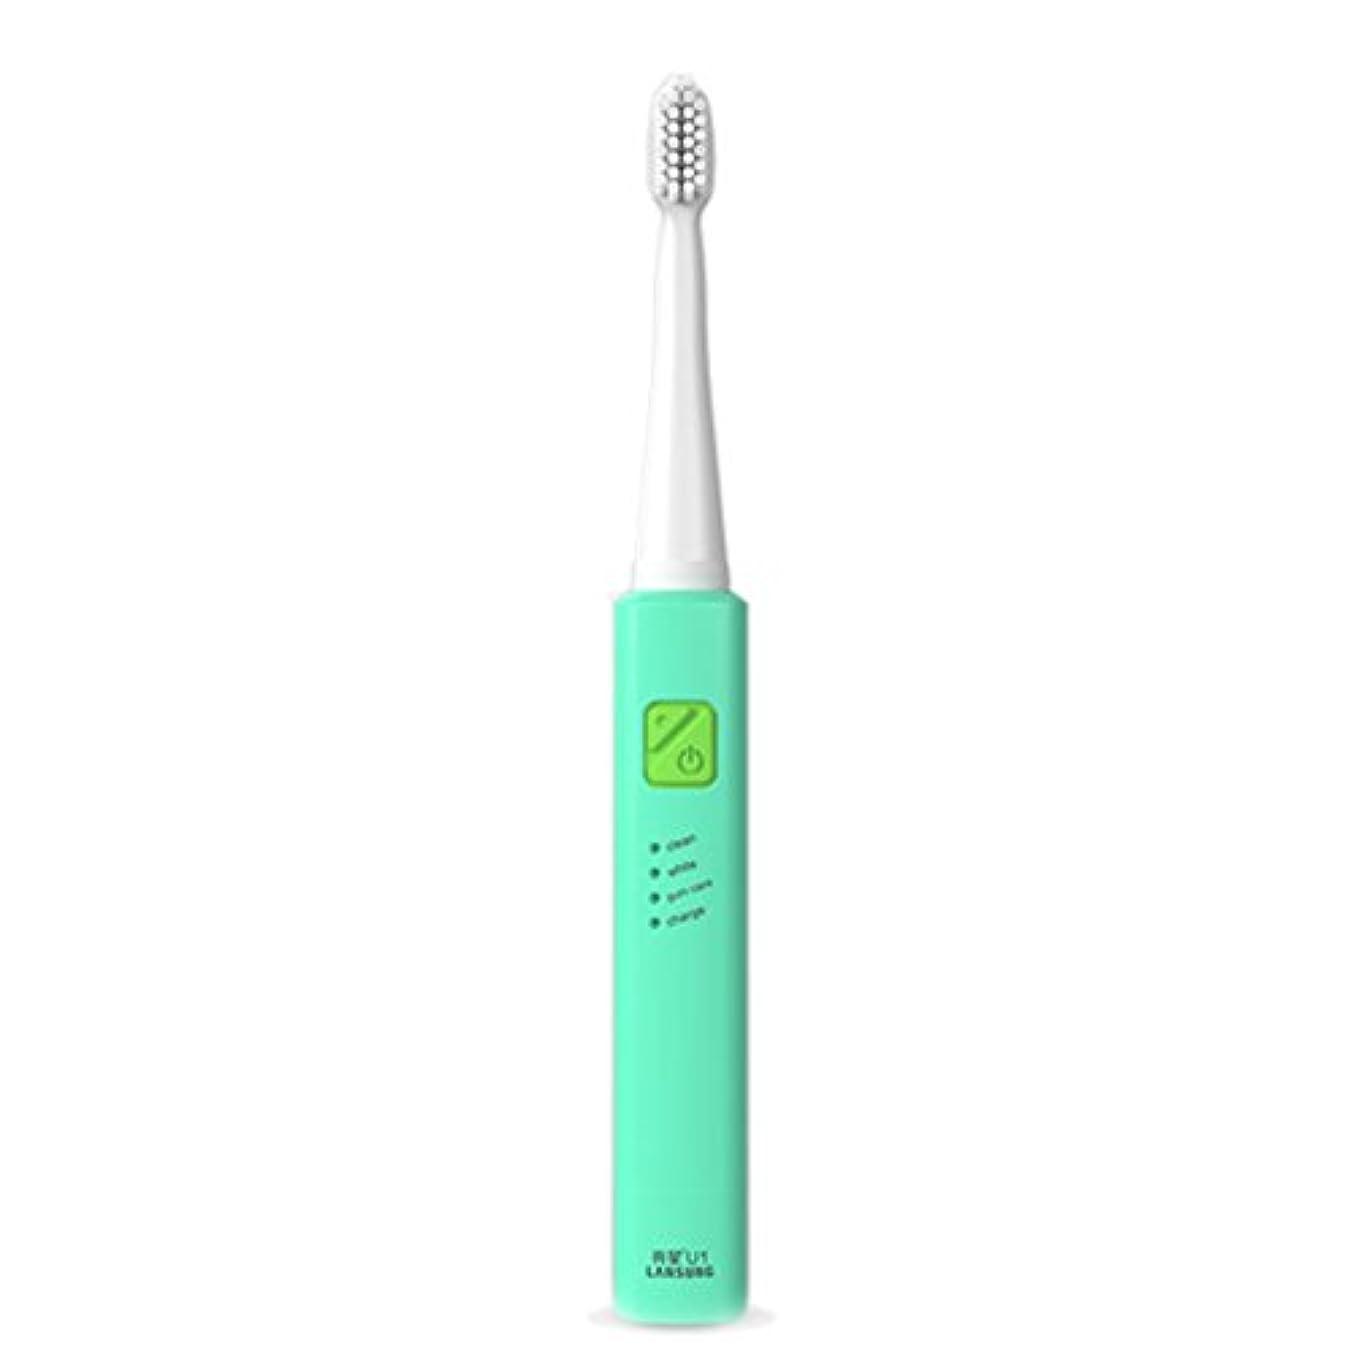 降ろす歴史家過度に電子歯ブラシ 超音波ロータリー ノンスリップ防水歯ブラシ 歯科口腔衛生